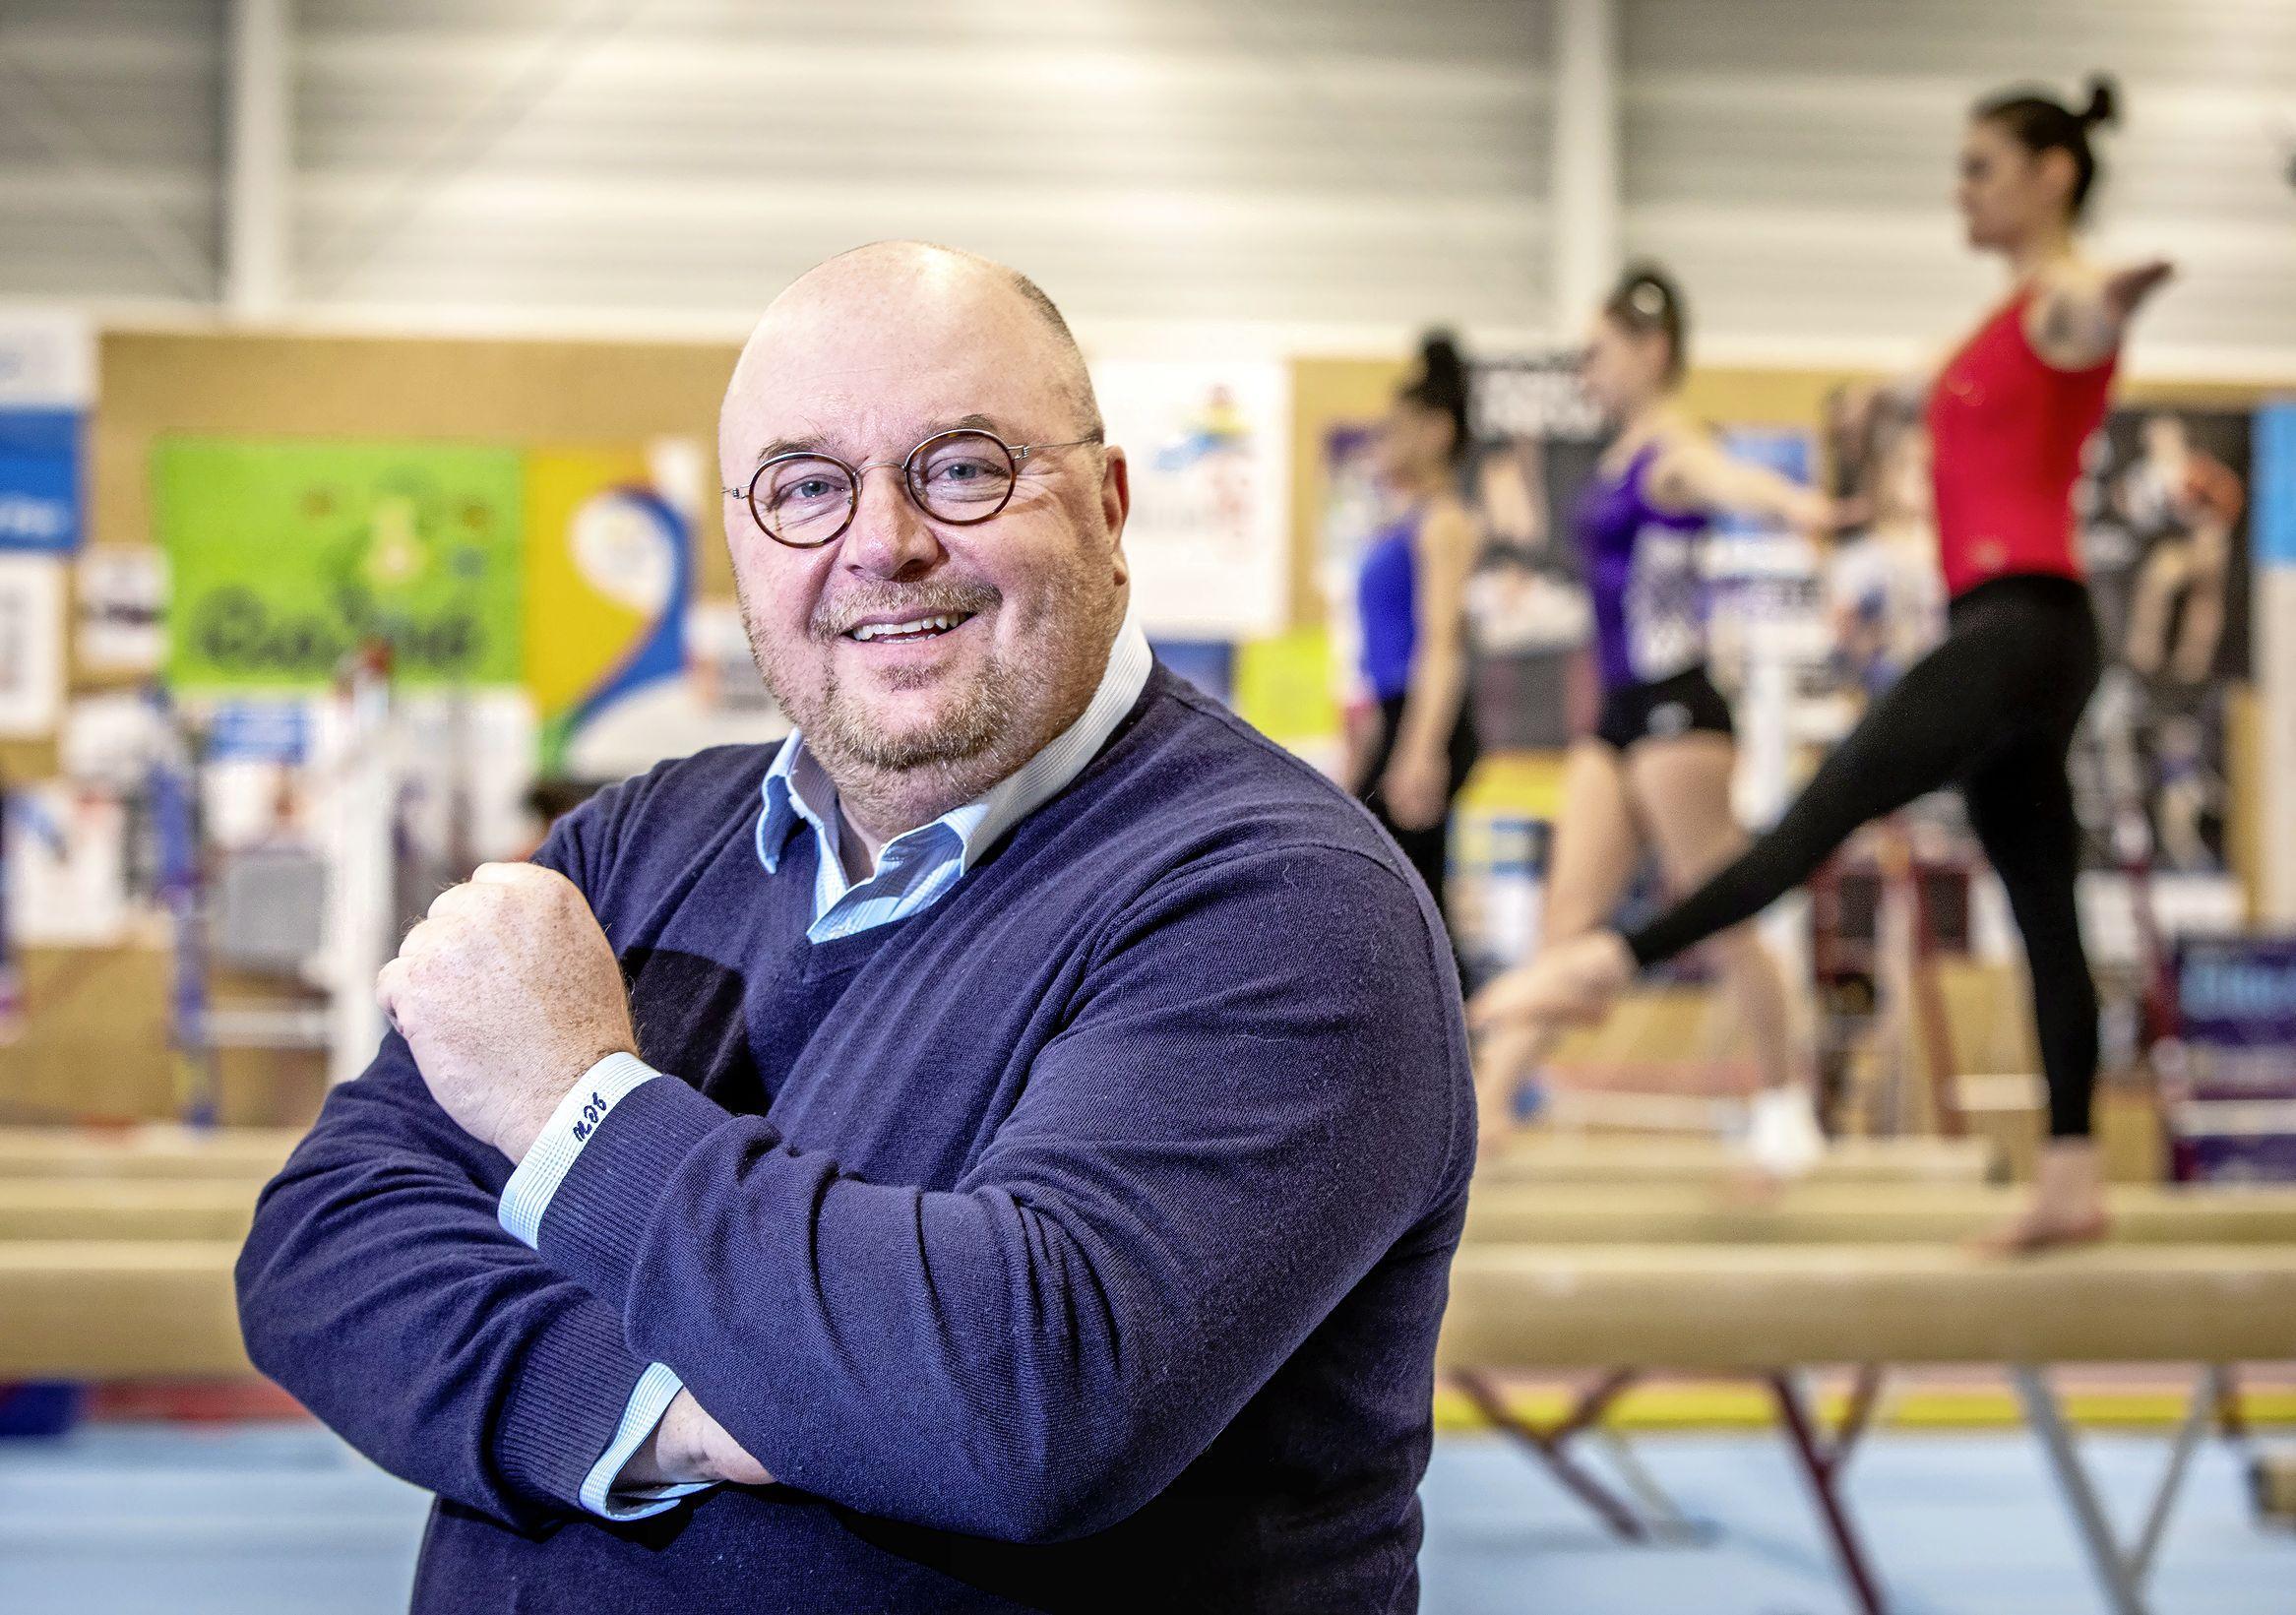 'Het moet afgelopen zijn met Spartaanse praktijken bij jonge turners', vindt John Nederstigt. Als voorzitter van SV Pax wil hij de cultuur veranderen